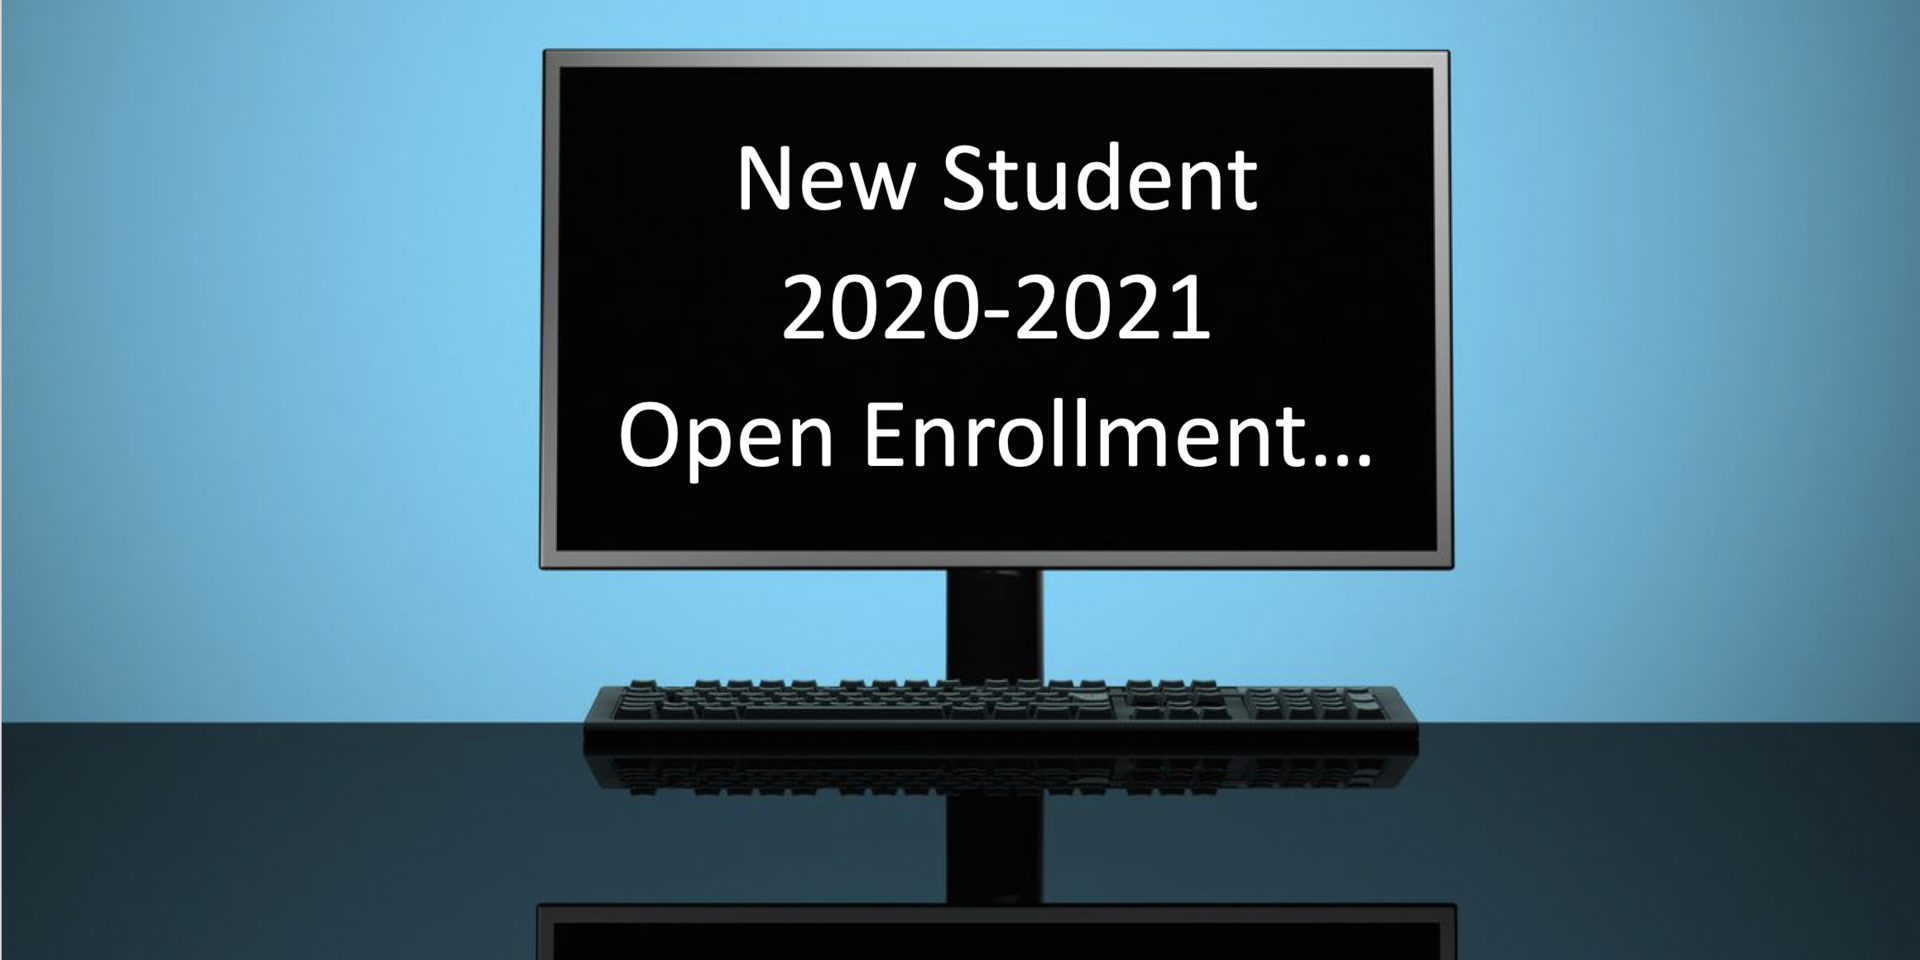 New student 2020-2021